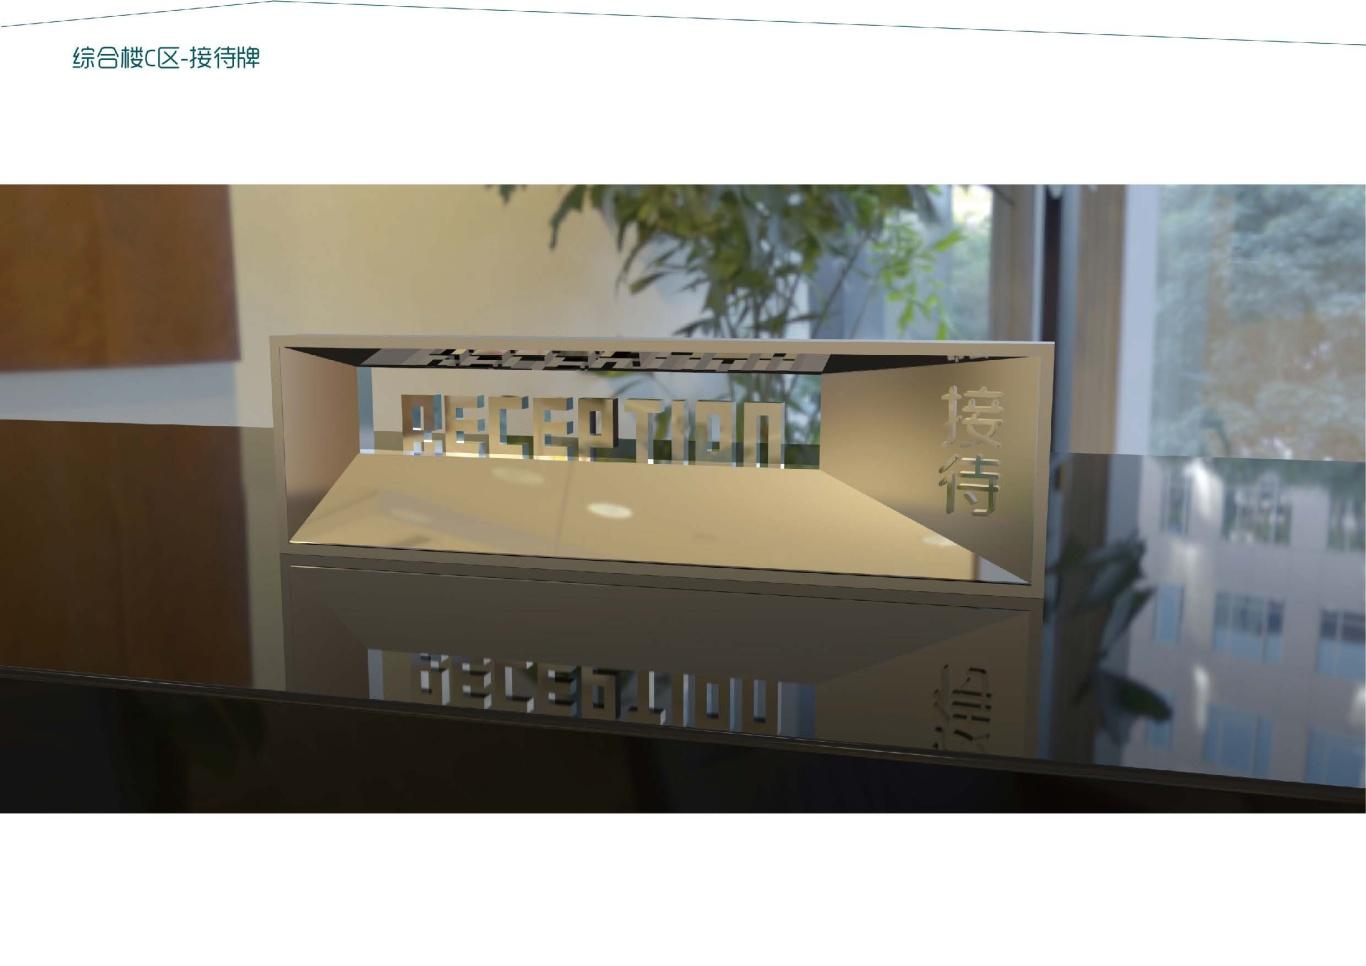 大连泰达慧谷开发区导视系统设计图33